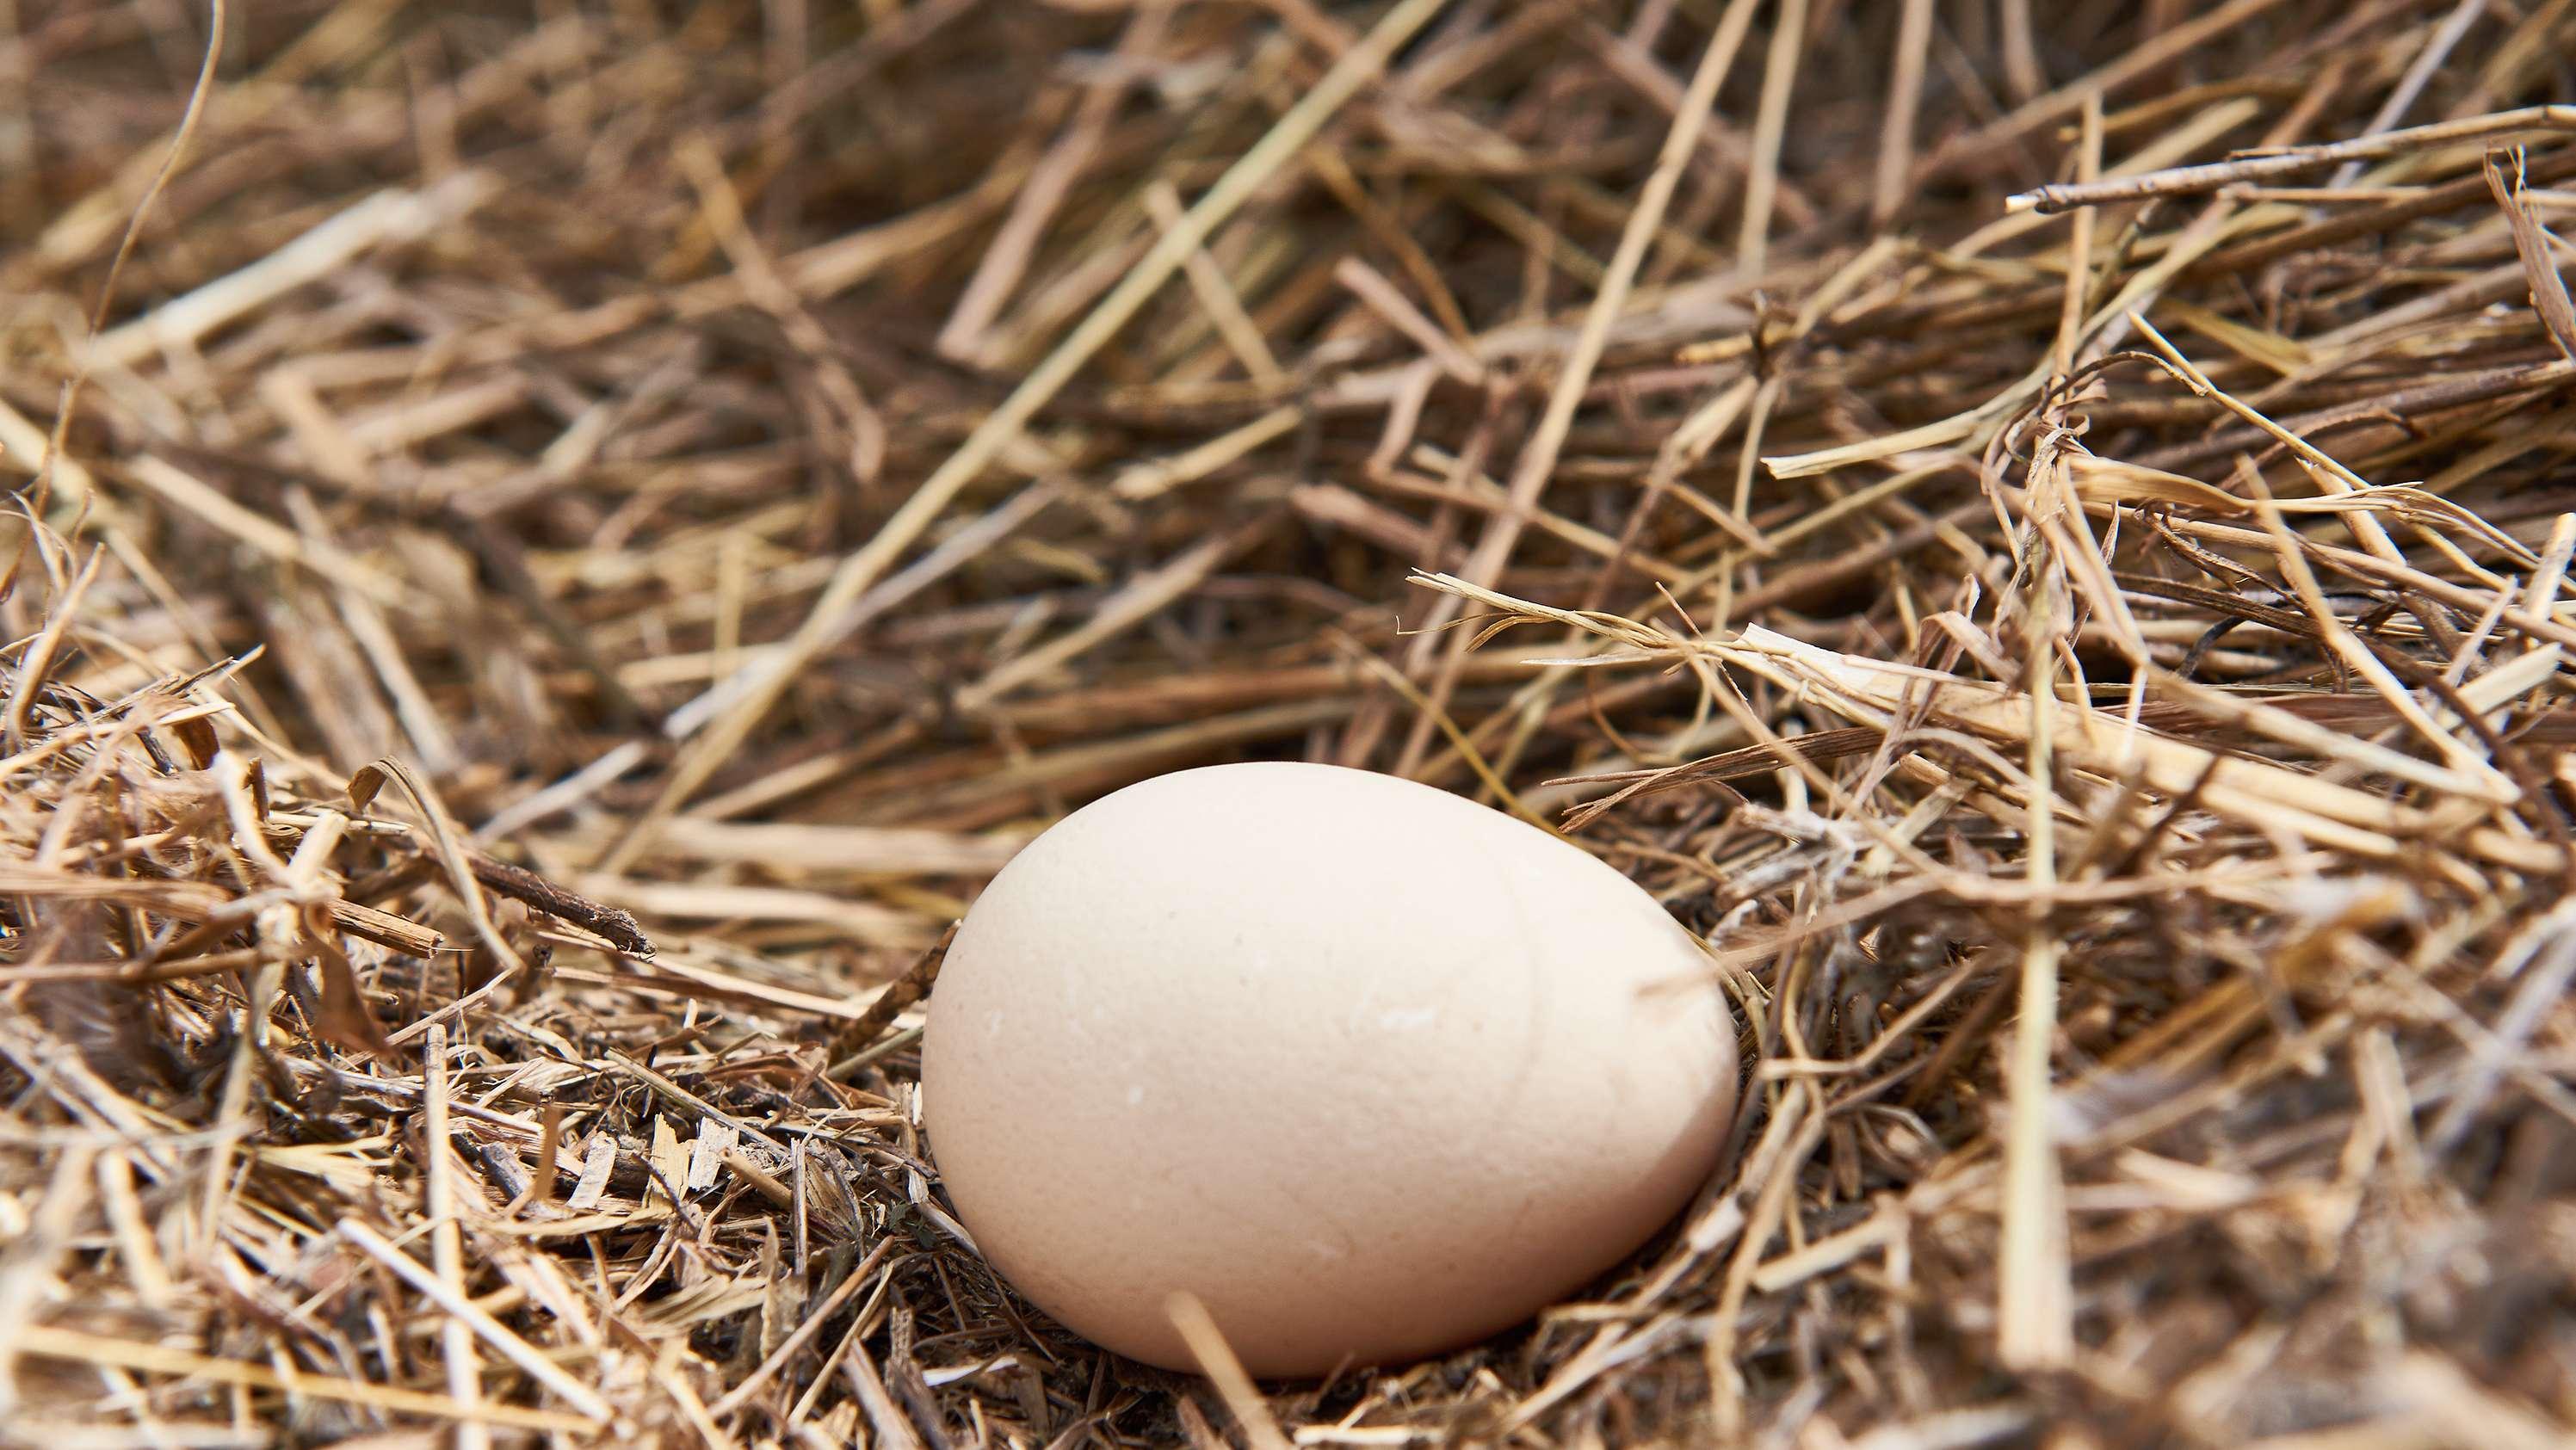 Ovale Eier rollen nicht so leicht davon.